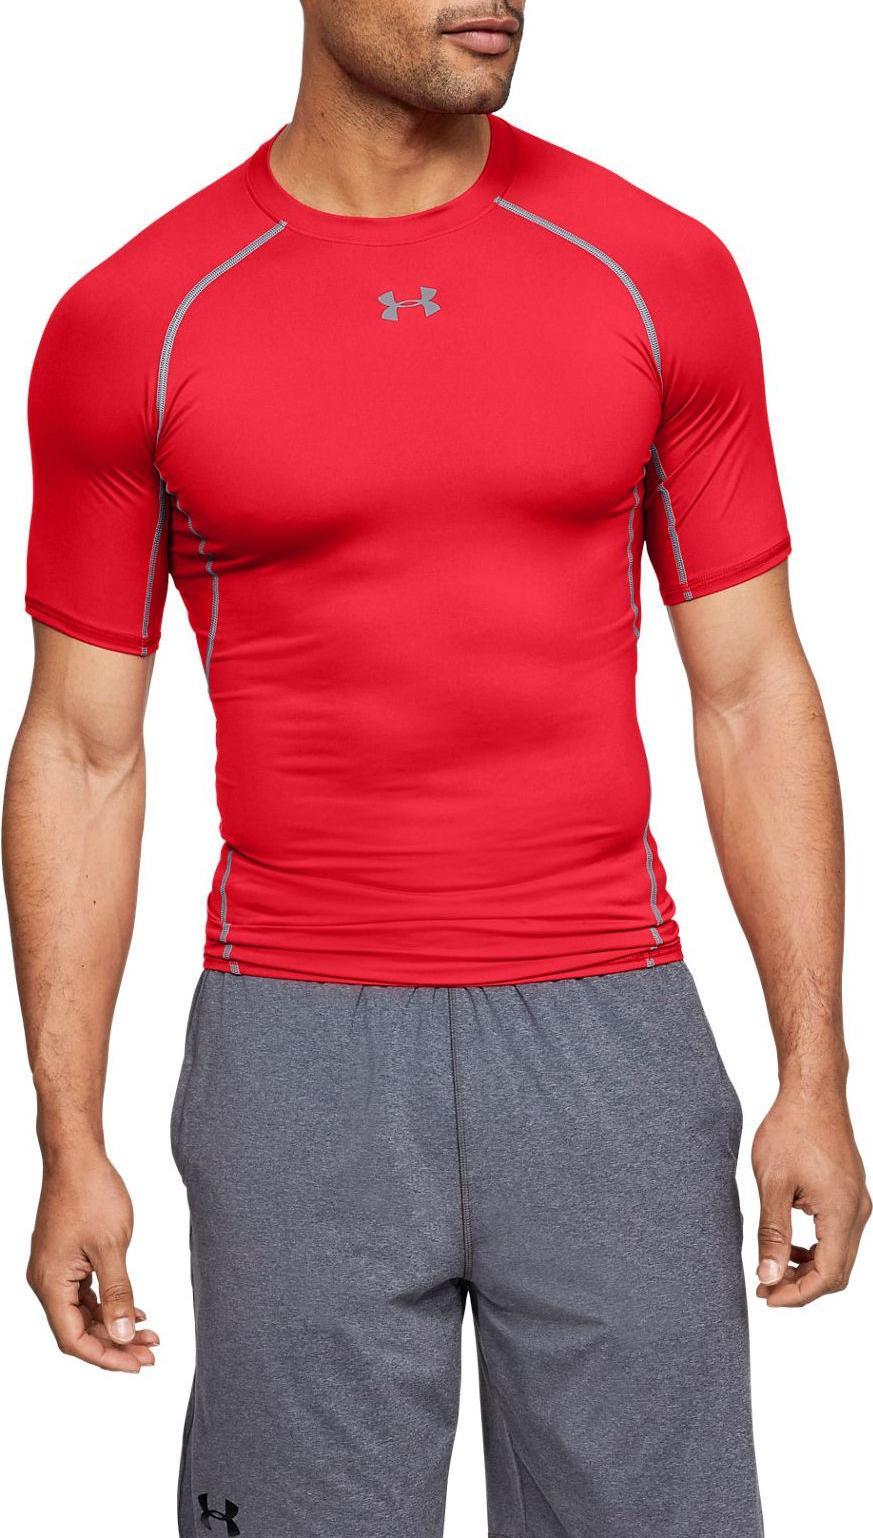 Camiseta de compresión Under Armour Under Armour Armour HG SS T